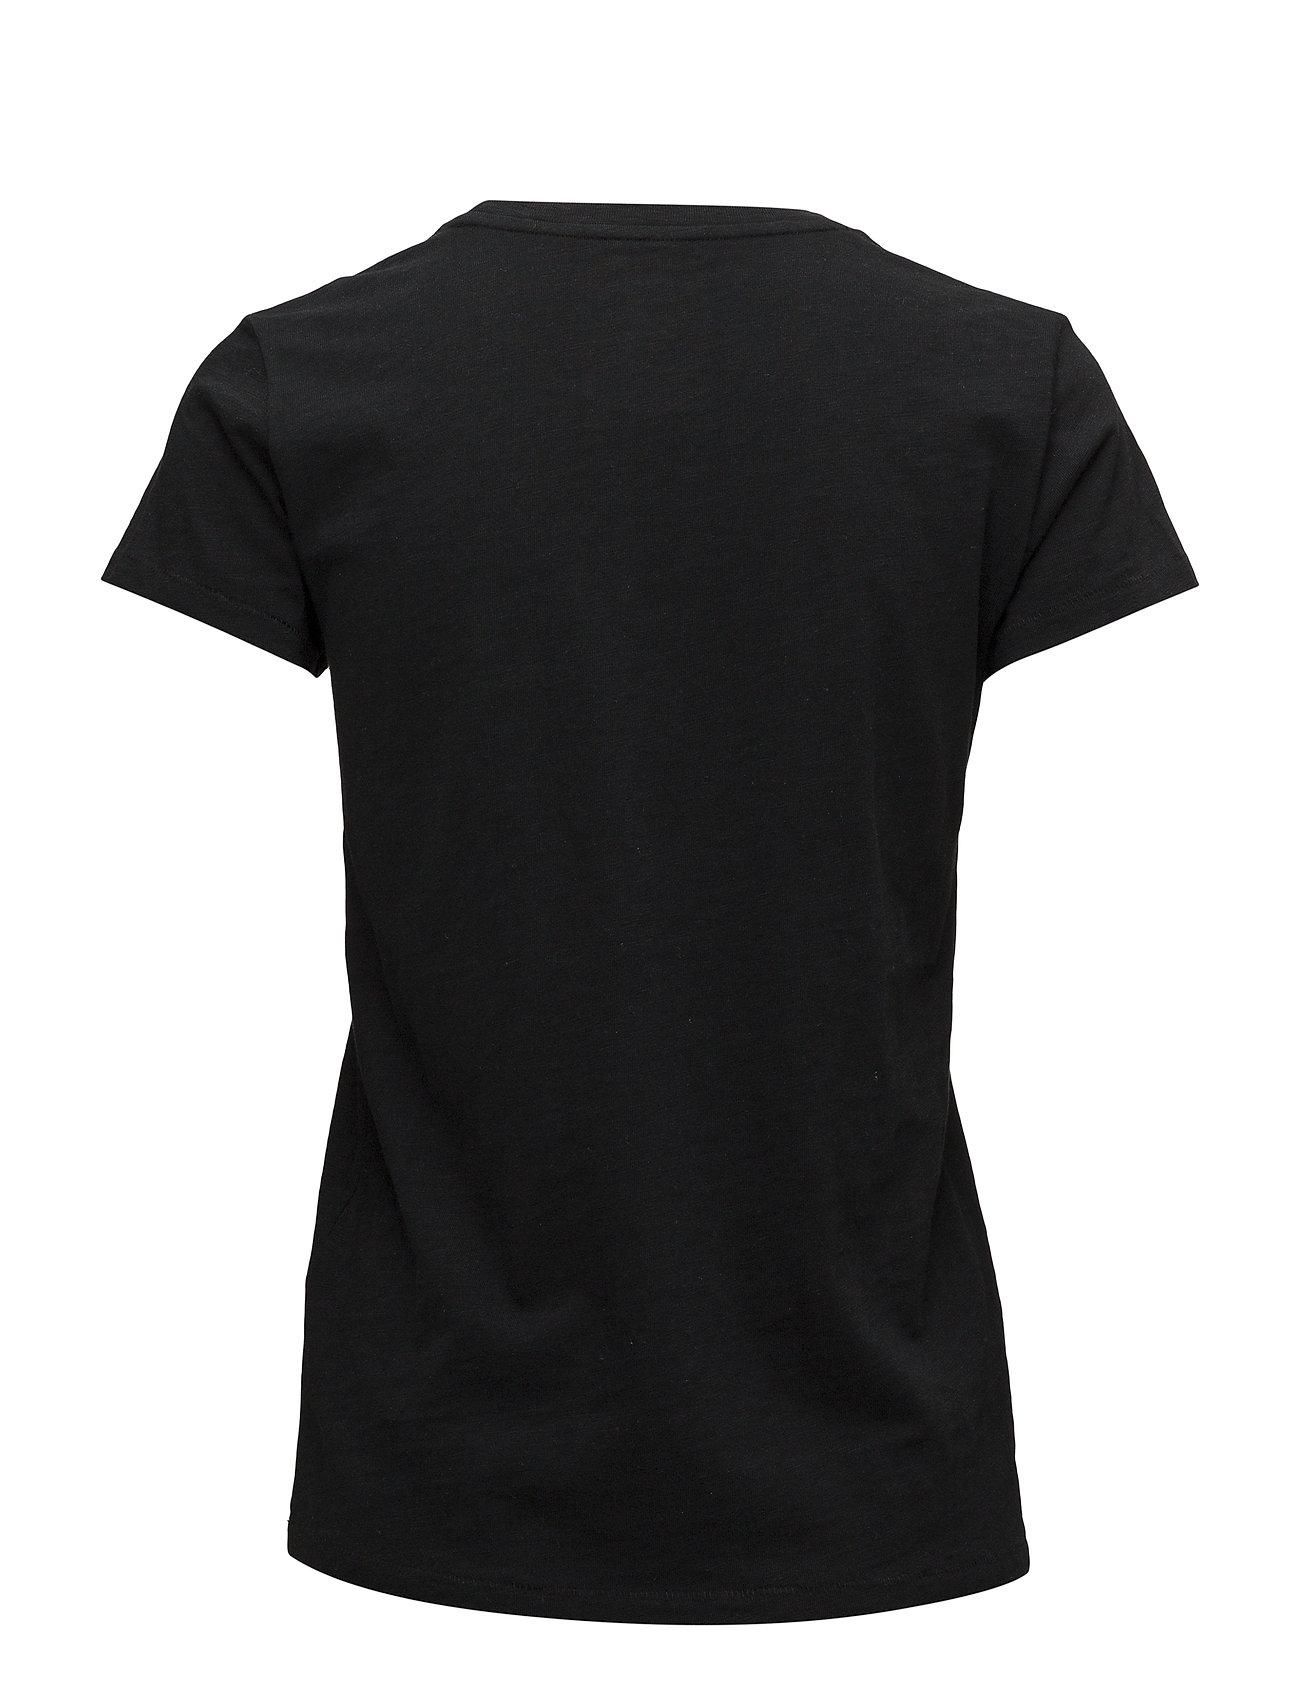 Ralph Logo Graphic shirtpolo BlackPolo T Jersey Lauren lFTcK1J3